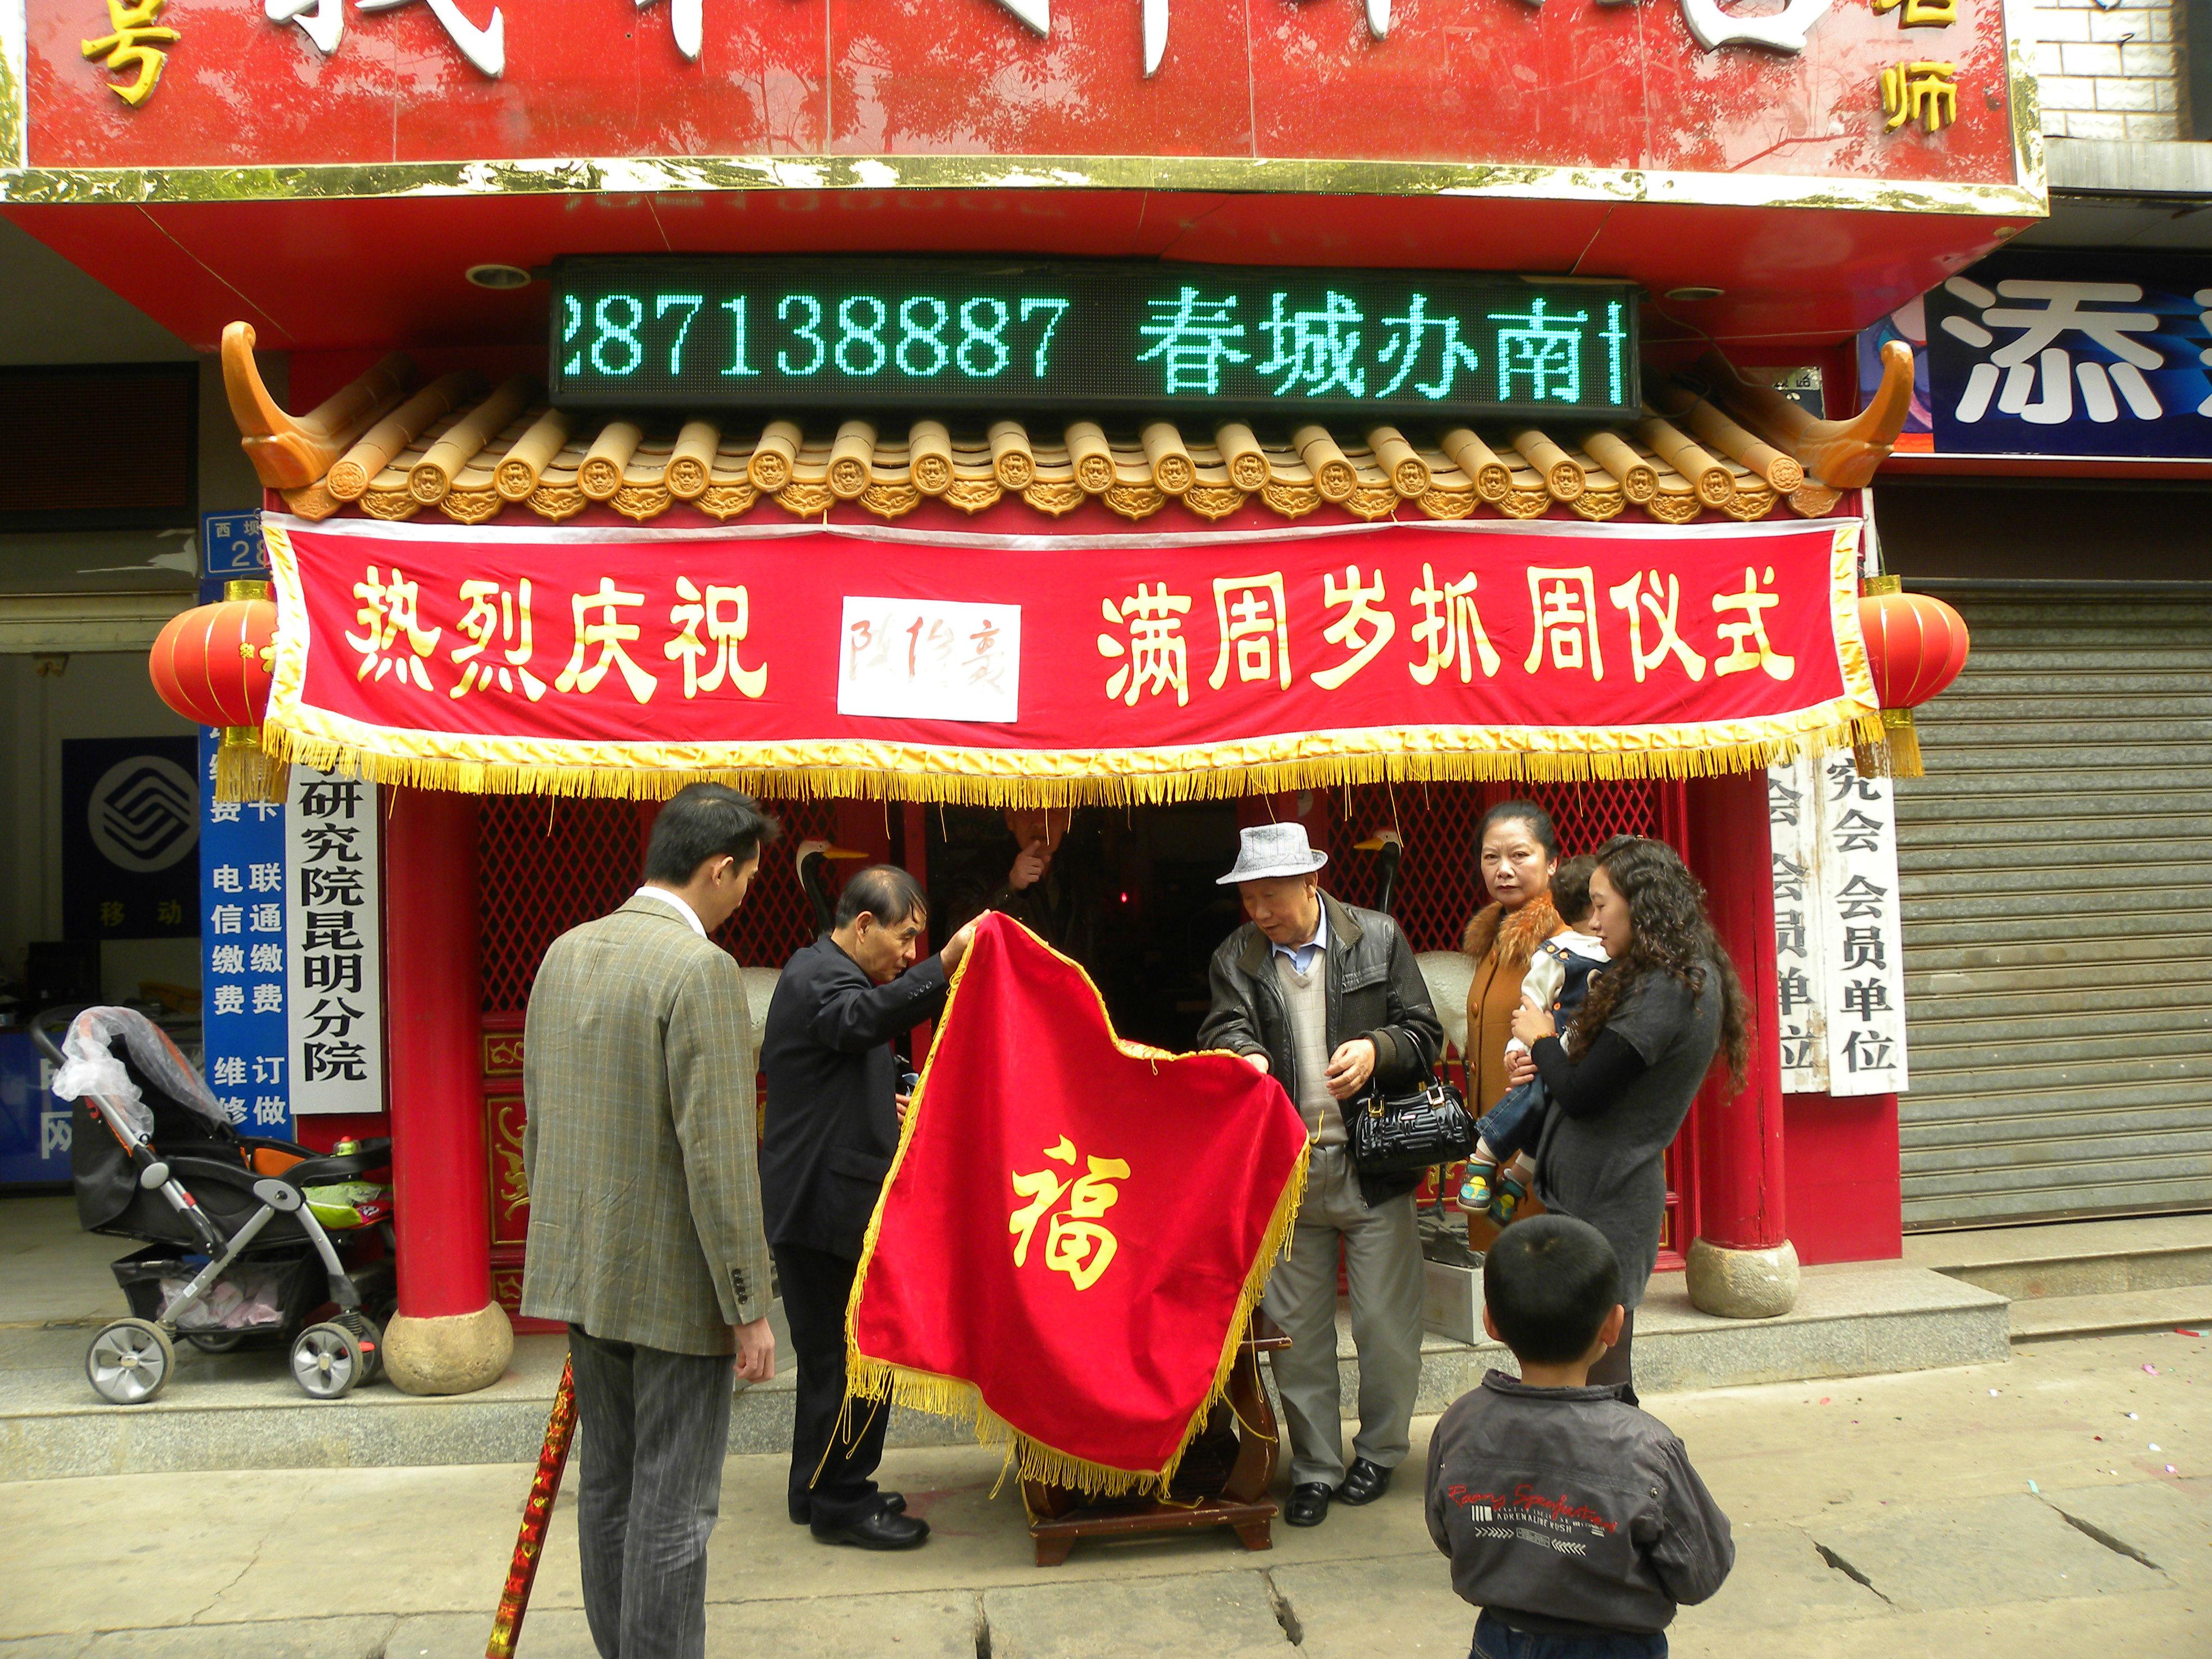 http://www.ynyihexuan.cn/160107141024345634560100.jpg